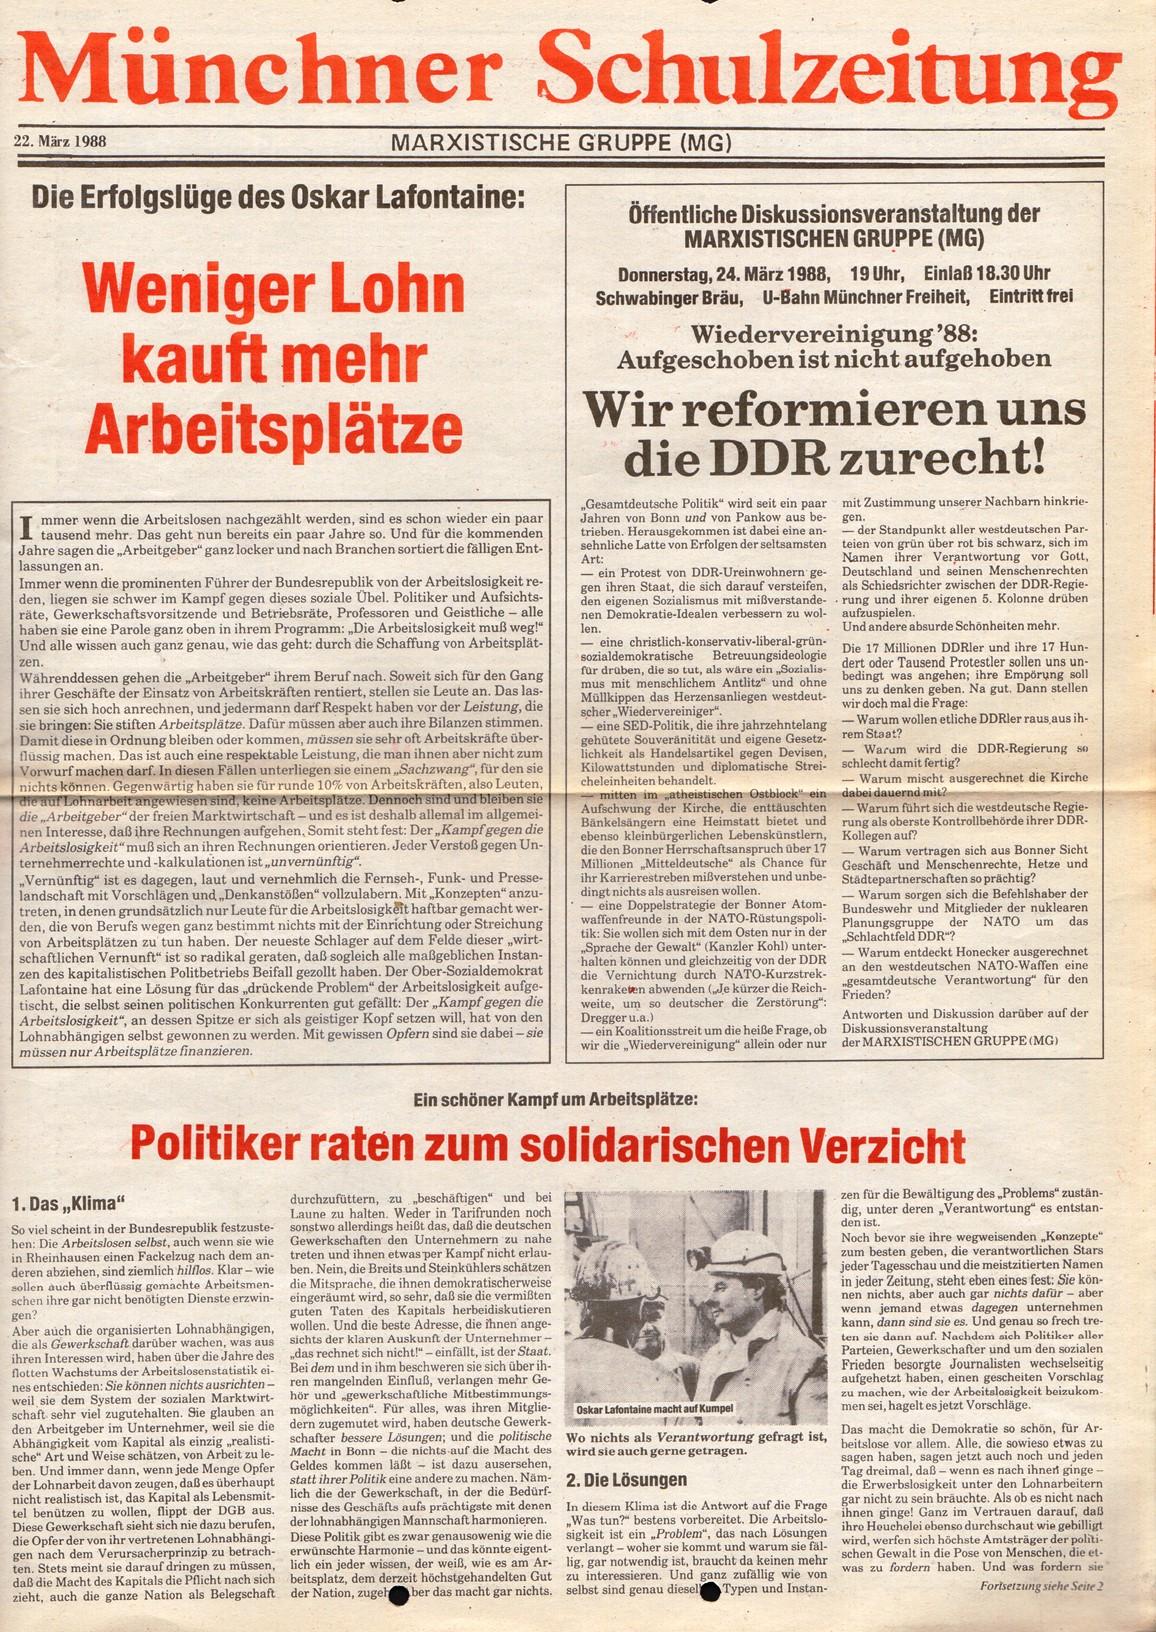 Muenchen_MG_Schulzeitung_19880322_01